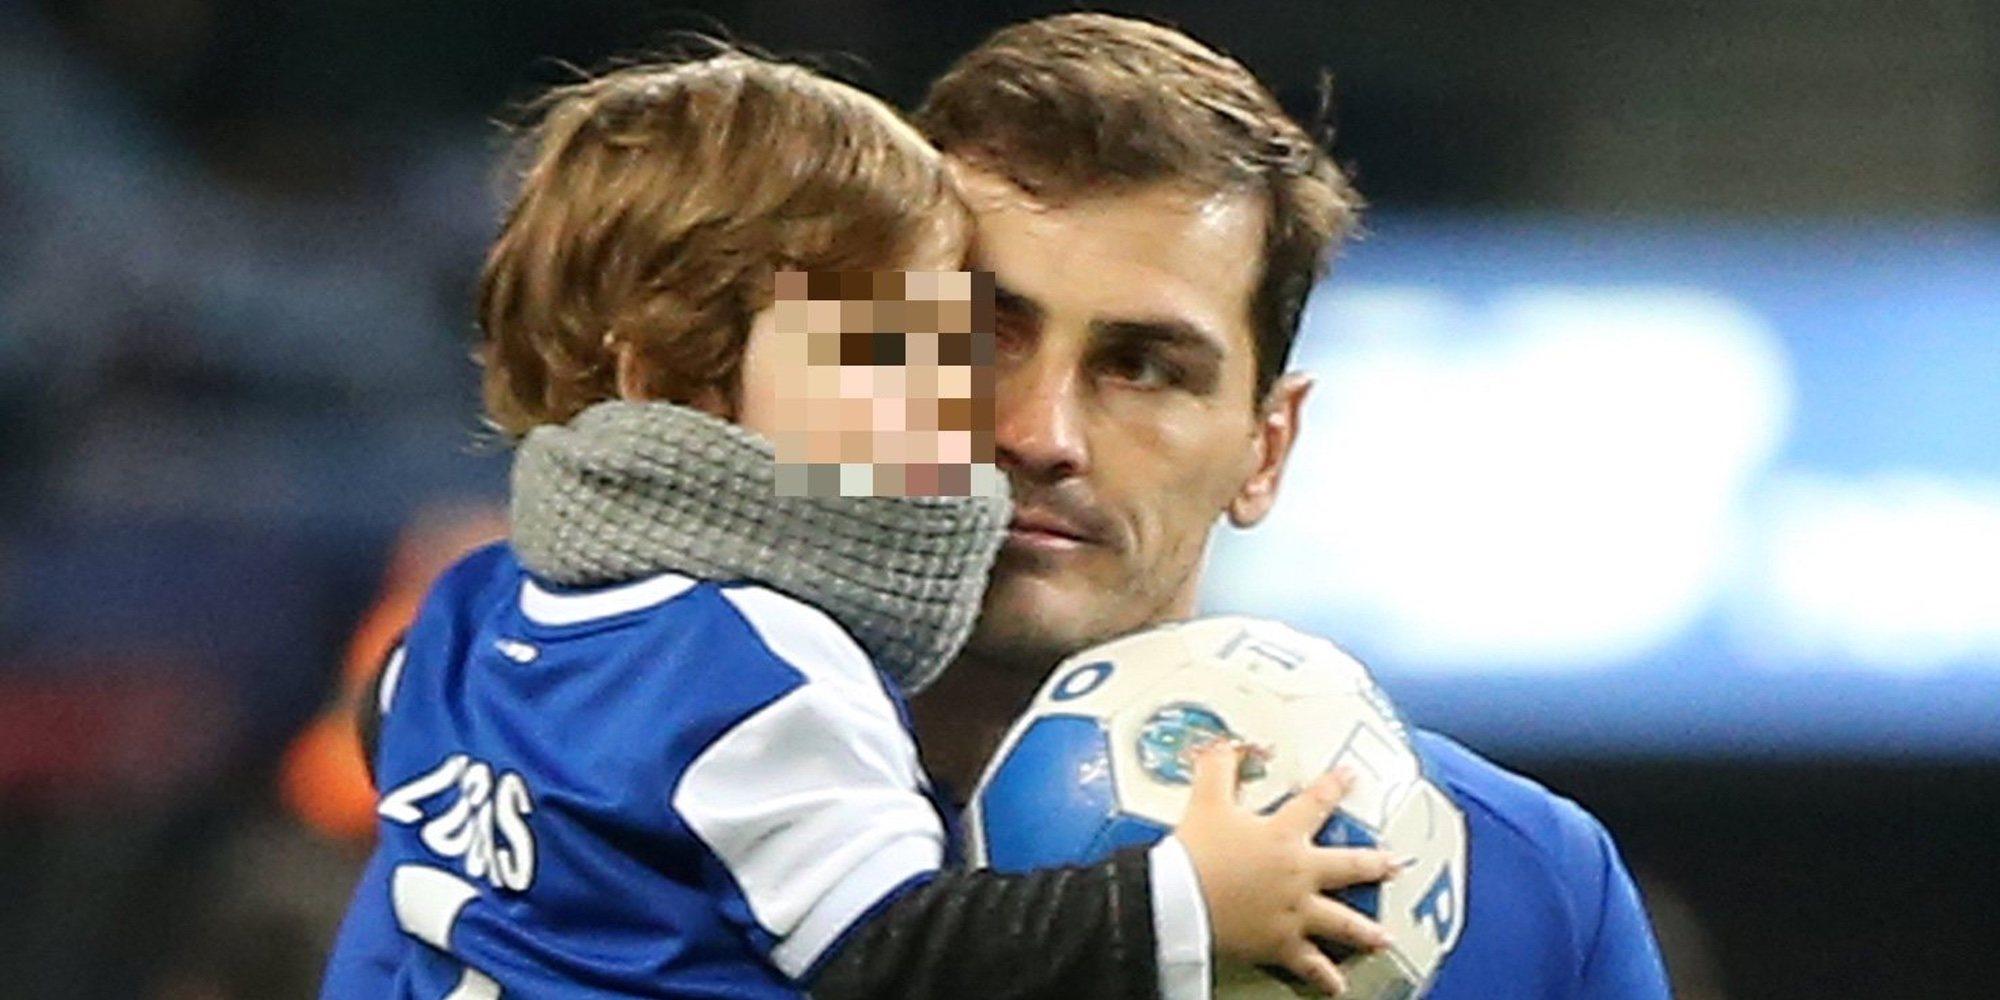 """Iker Casillas cuenta que uno de sus hijos puede que siga sus pasos: """"Le apoyaré"""""""